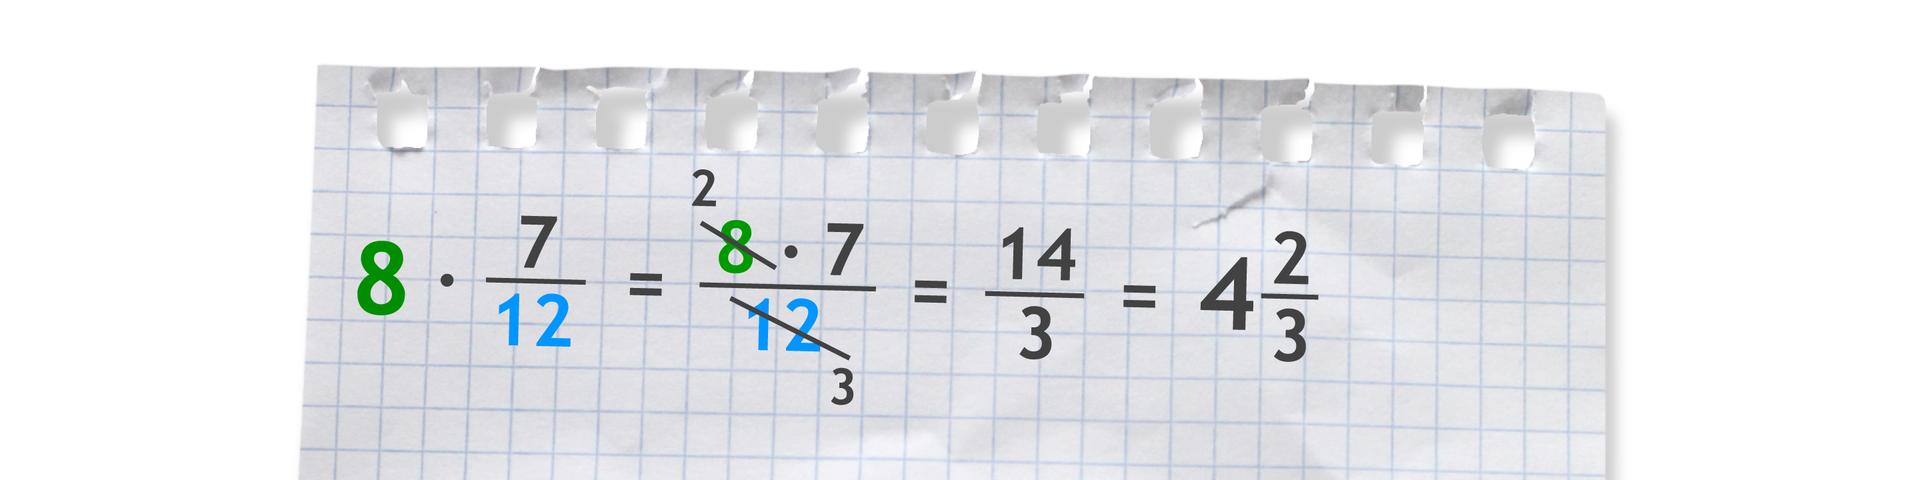 Przykład: 8 razy siedem dwunastych (po skróceniu liczby 8 wliczniku zliczbą 12 wmianowniku przez 4) równa się czternaście trzecich równa się cztery całe idwie trzecie.